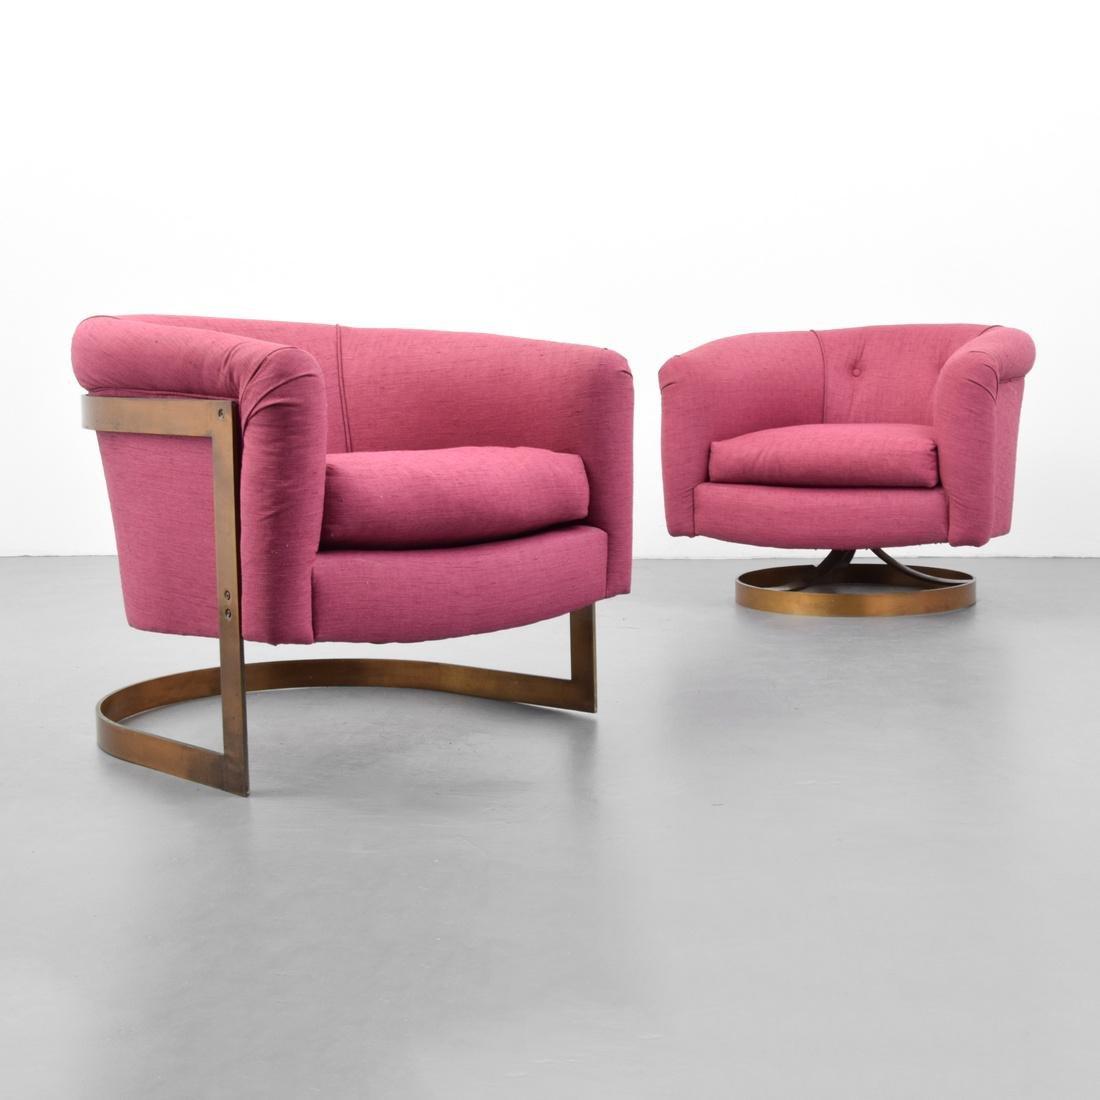 2 Milo Baughman Lounge Chairs - 7